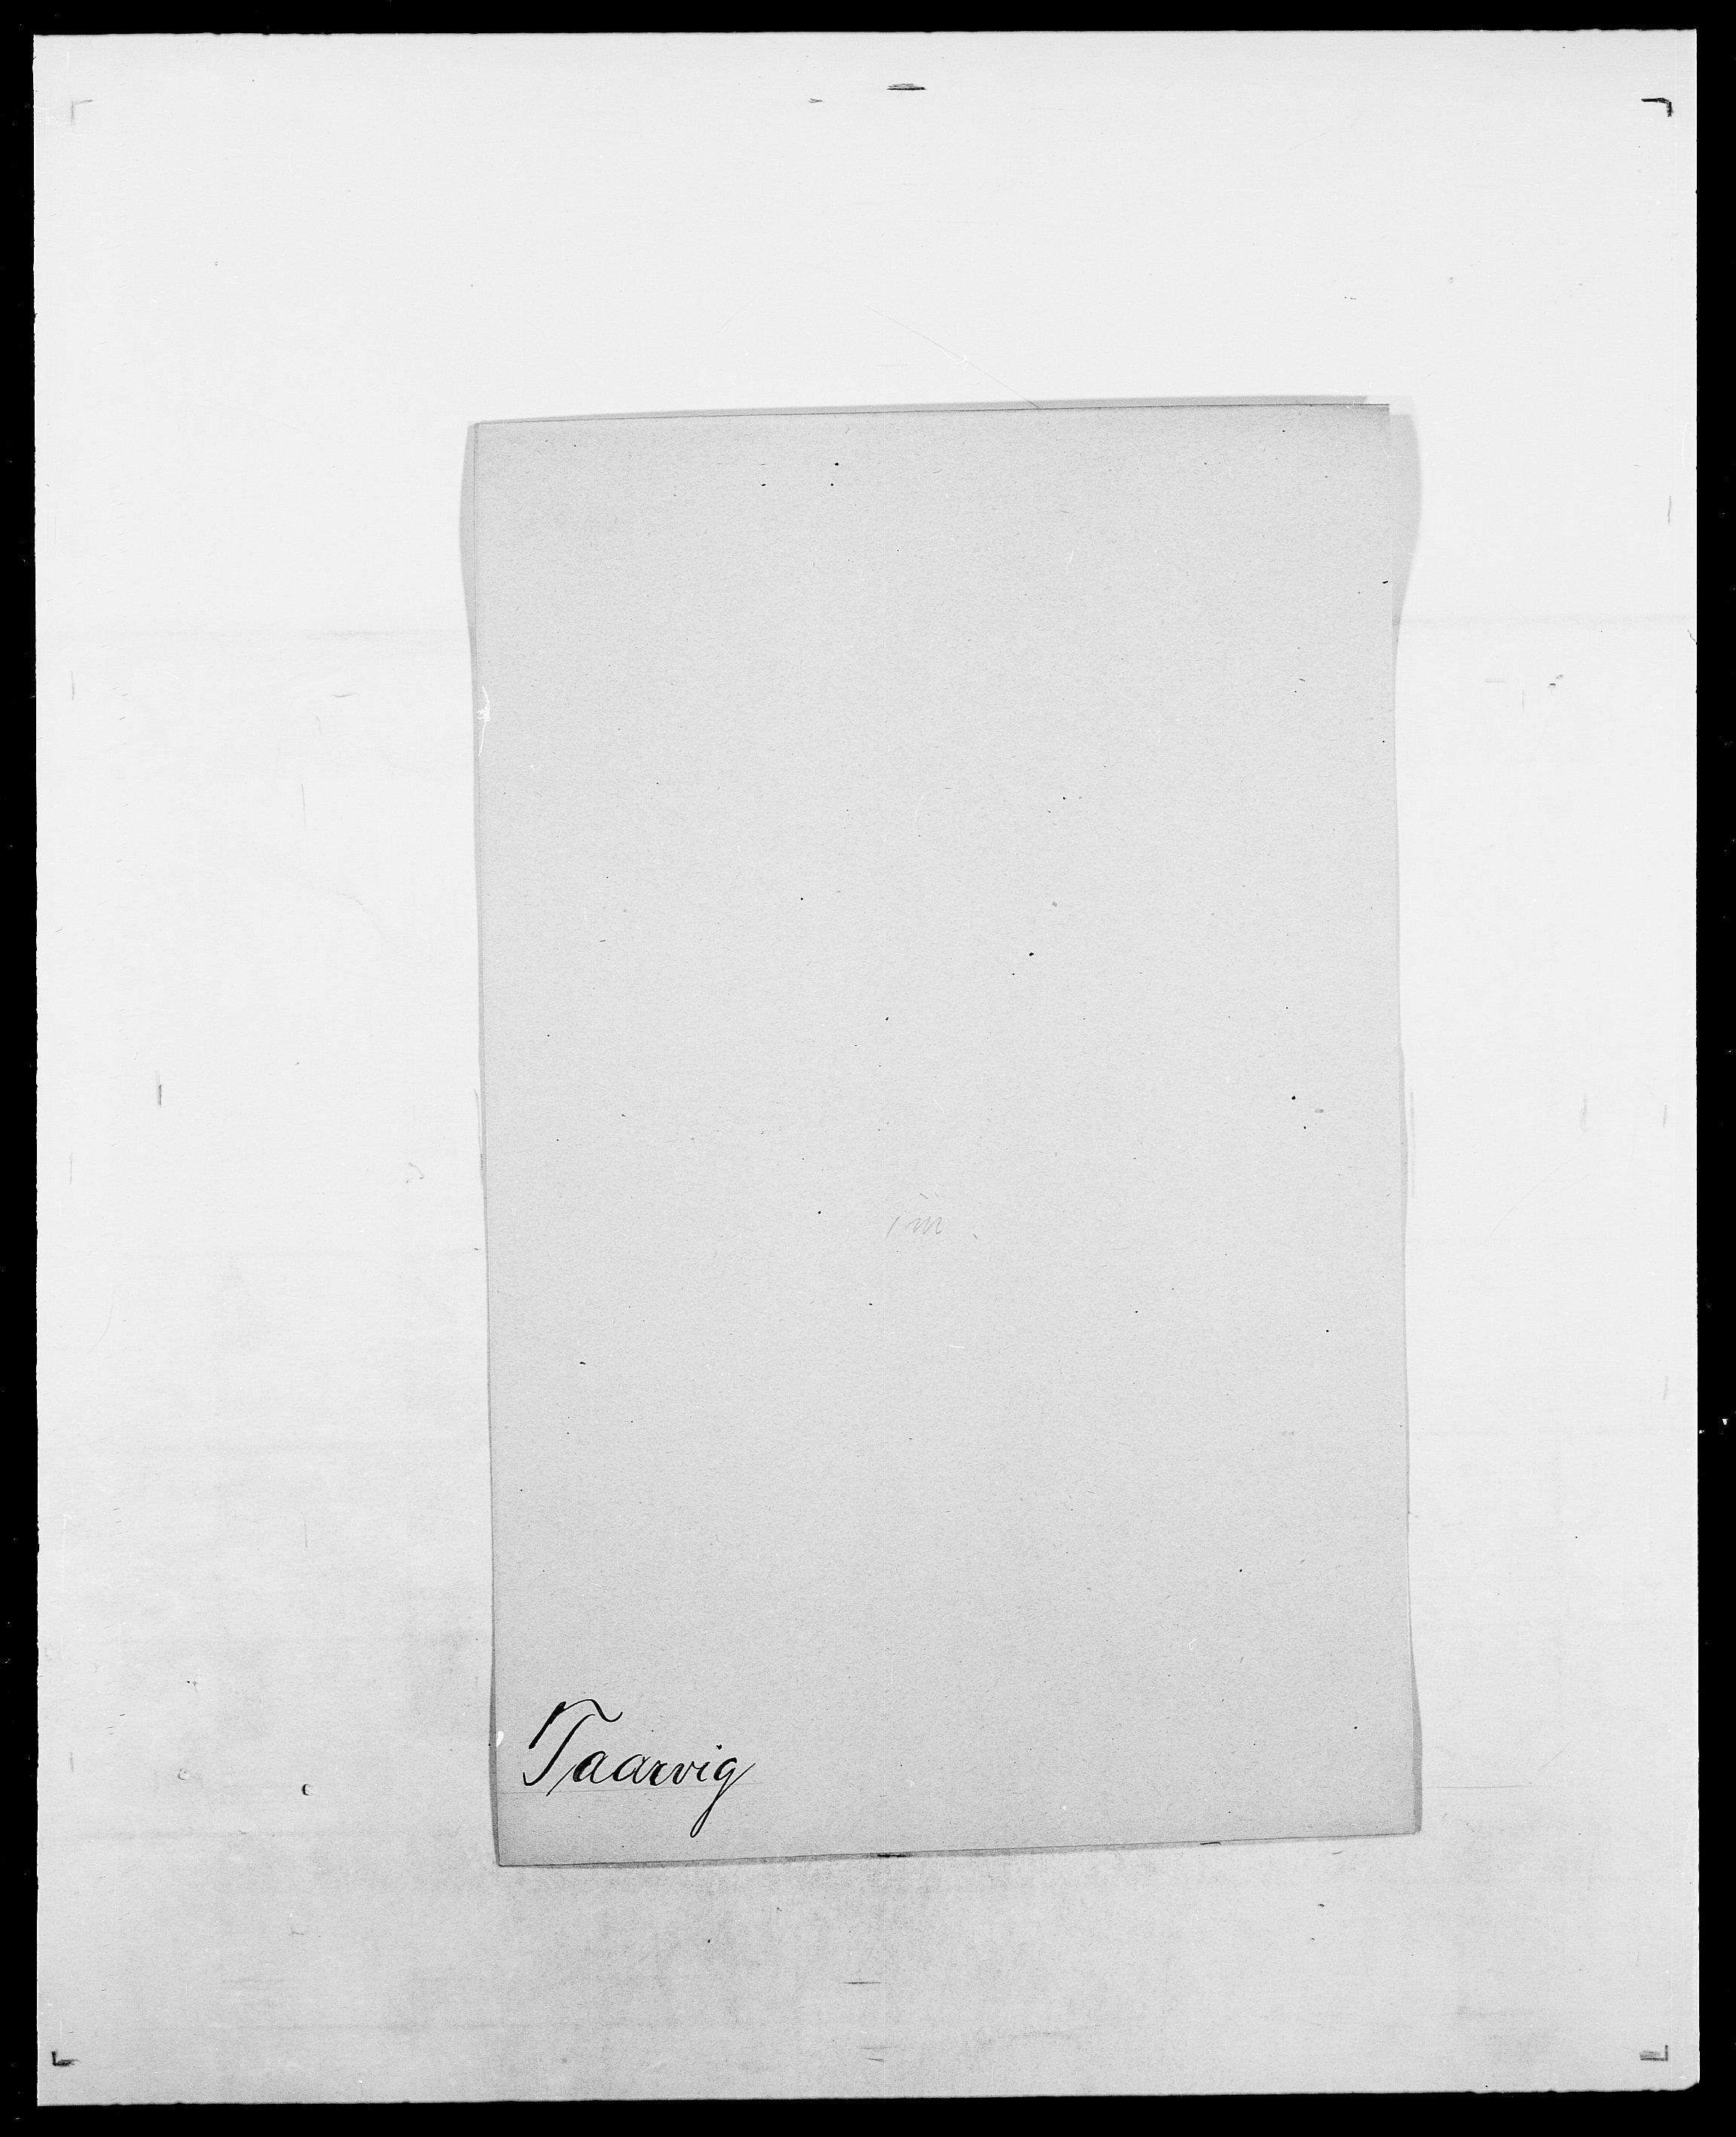 SAO, Delgobe, Charles Antoine - samling, D/Da/L0038: Svanenskjold - Thornsohn, s. 263